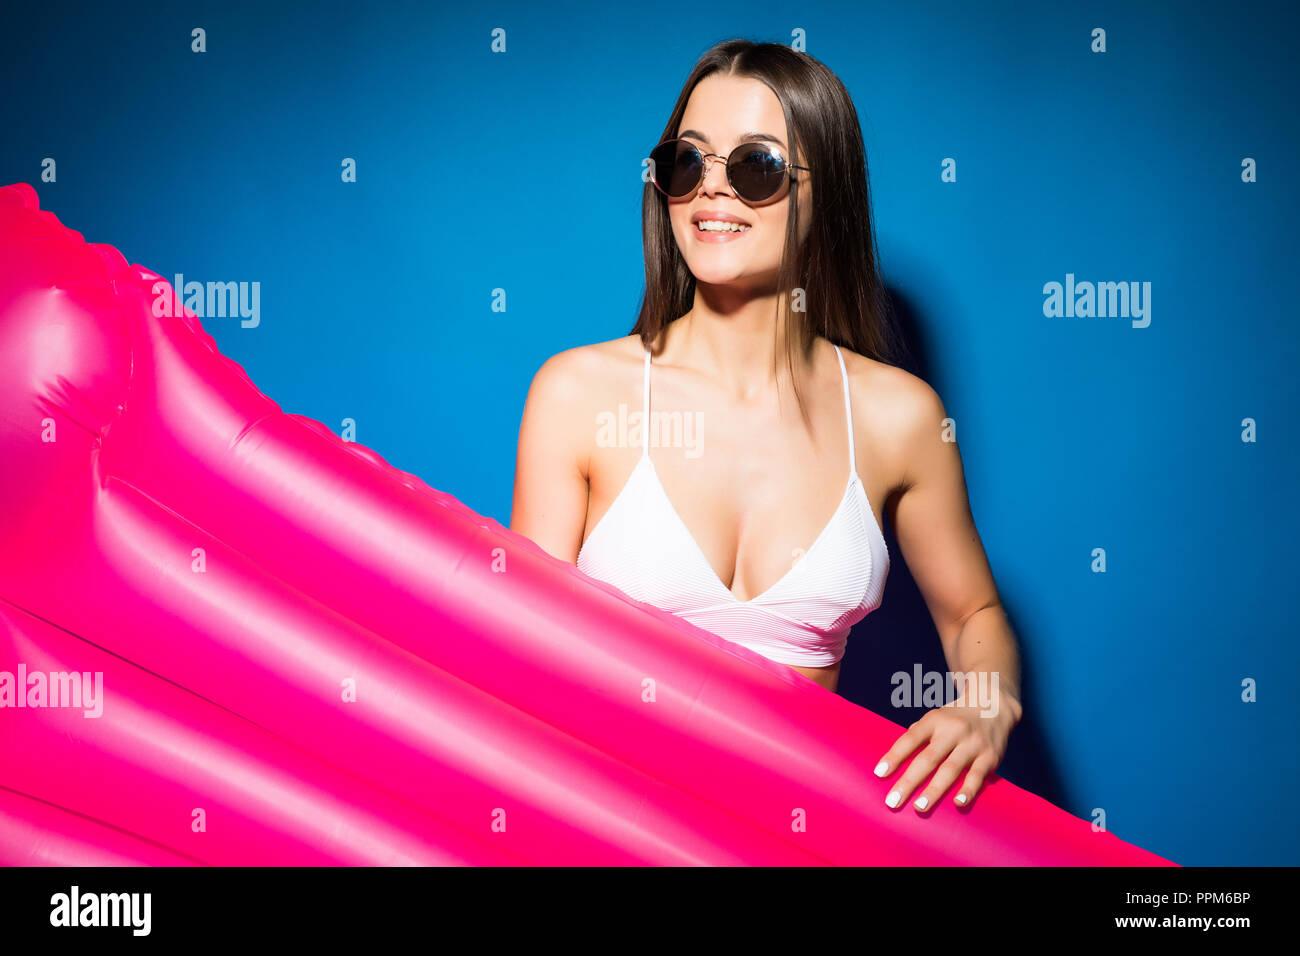 Female Wearing Pink Bikini In Photos Female Wearing Pink Bikini